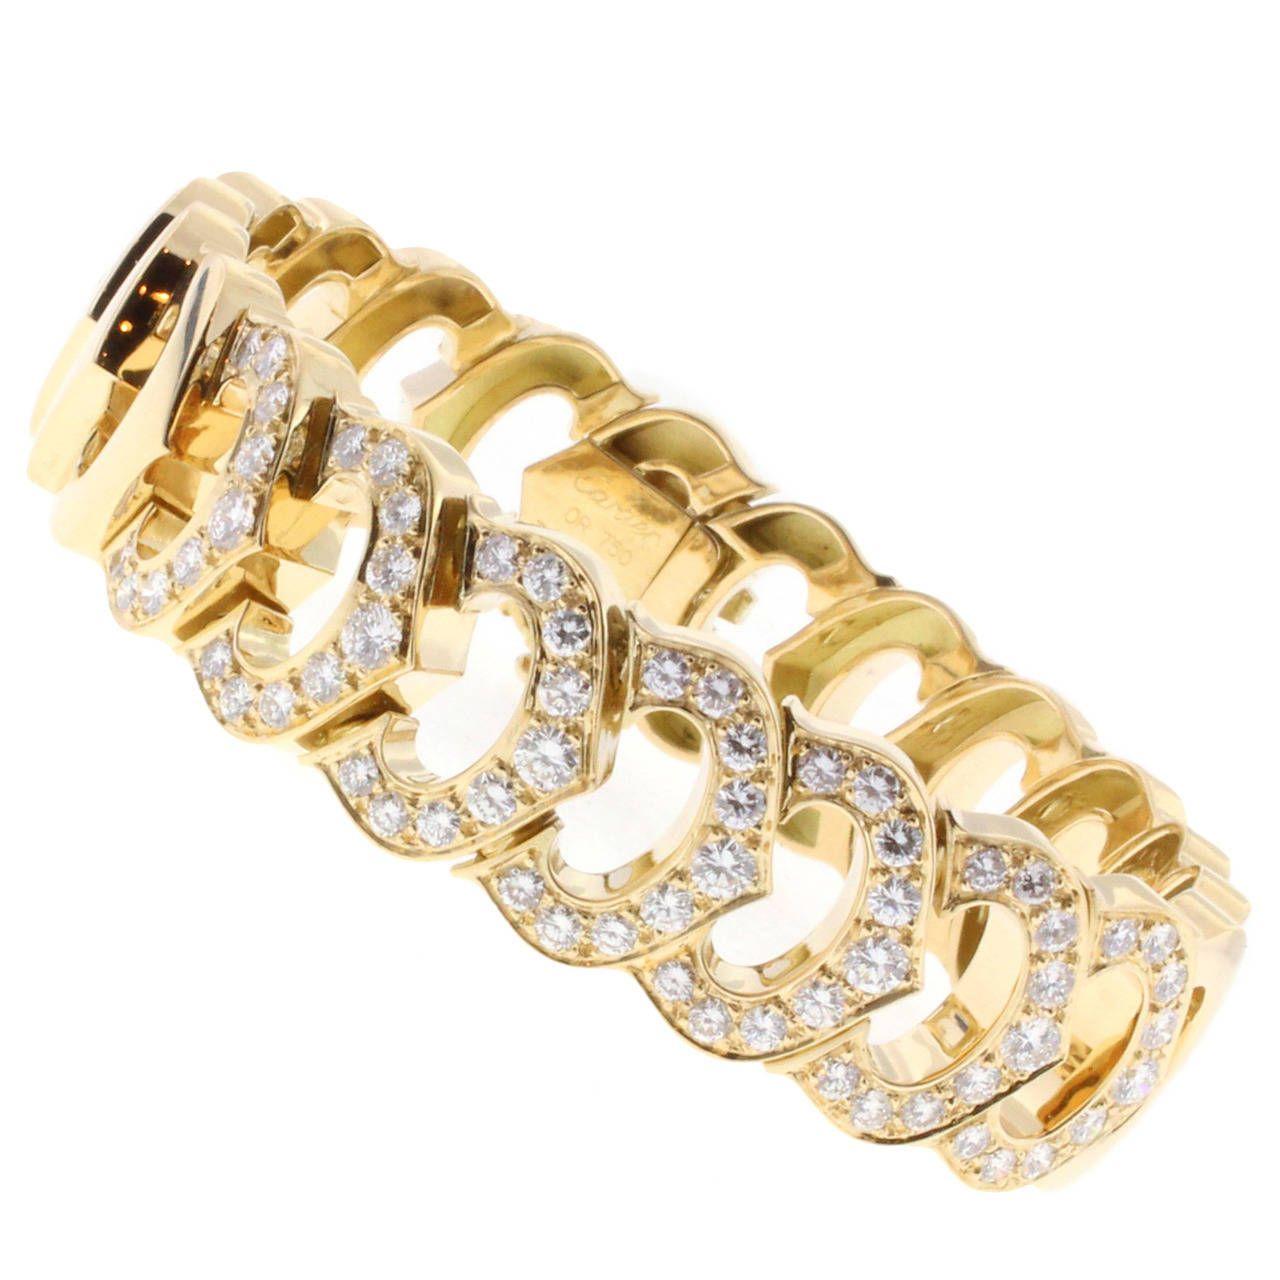 Cartier C de Cartier Diamond Gold Link Bracelet | 1stdibs.com